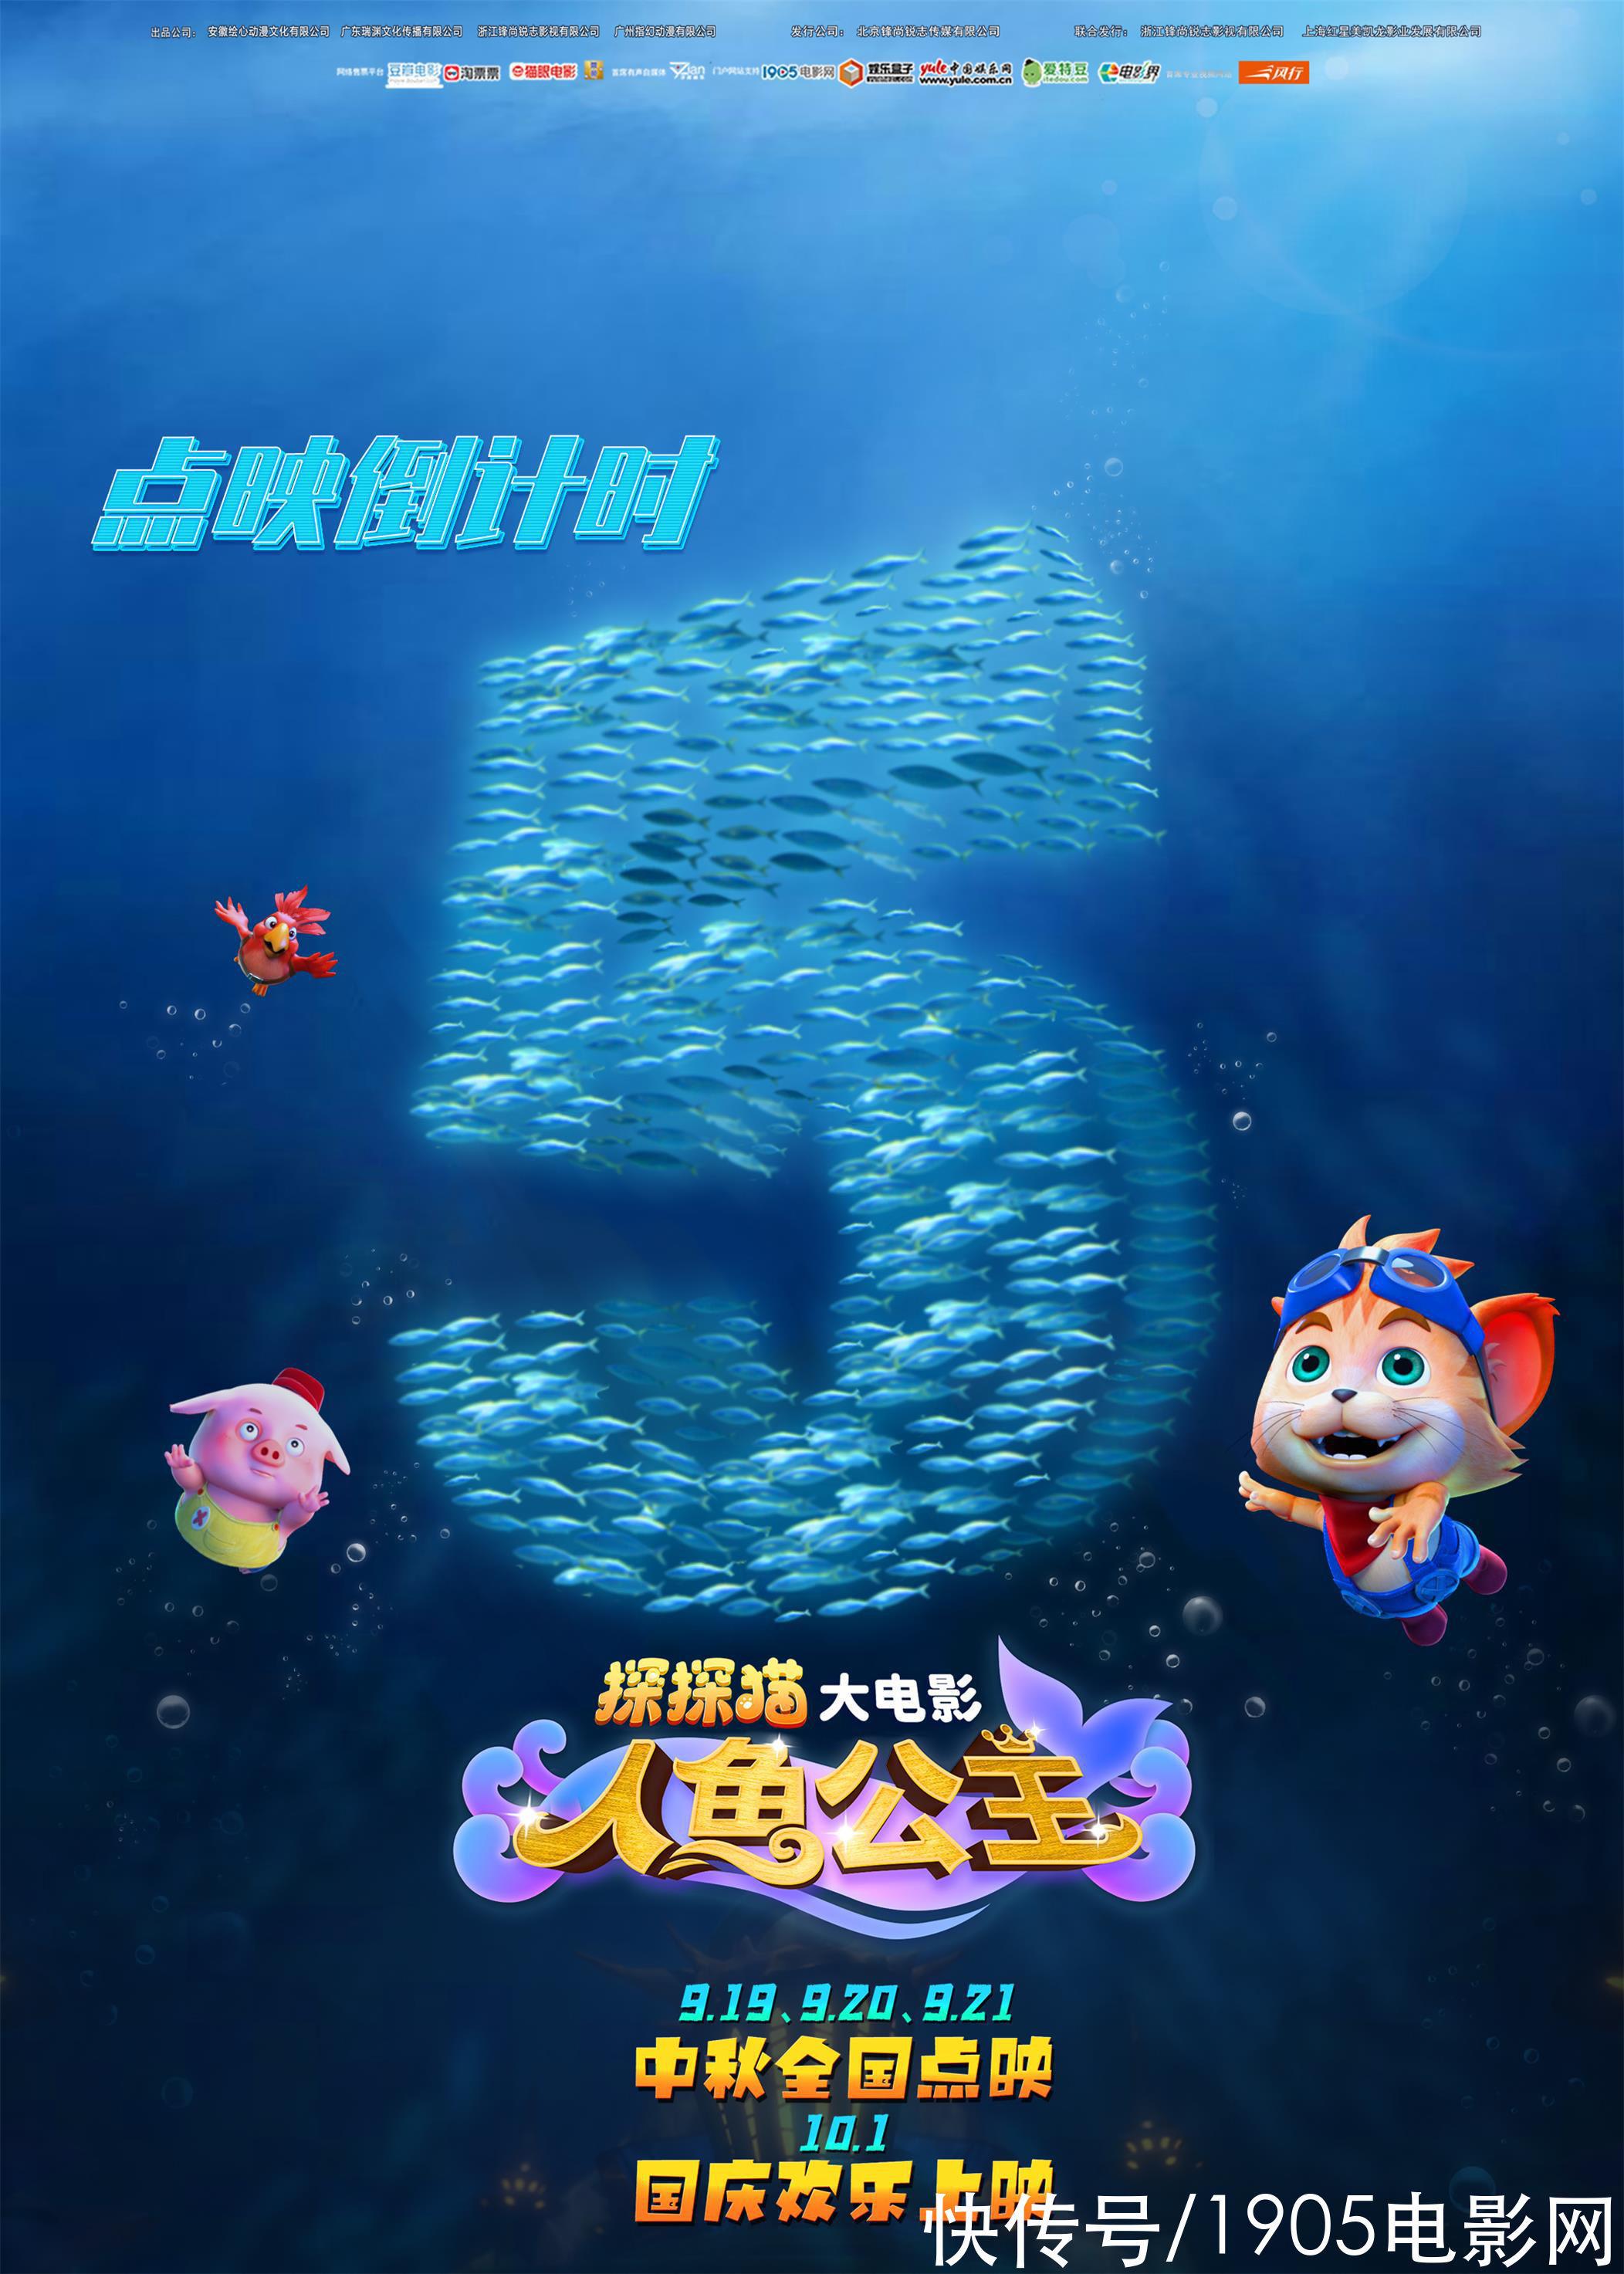 《探探猫人鱼公主》-电影百度云资源【HD1080P资源】